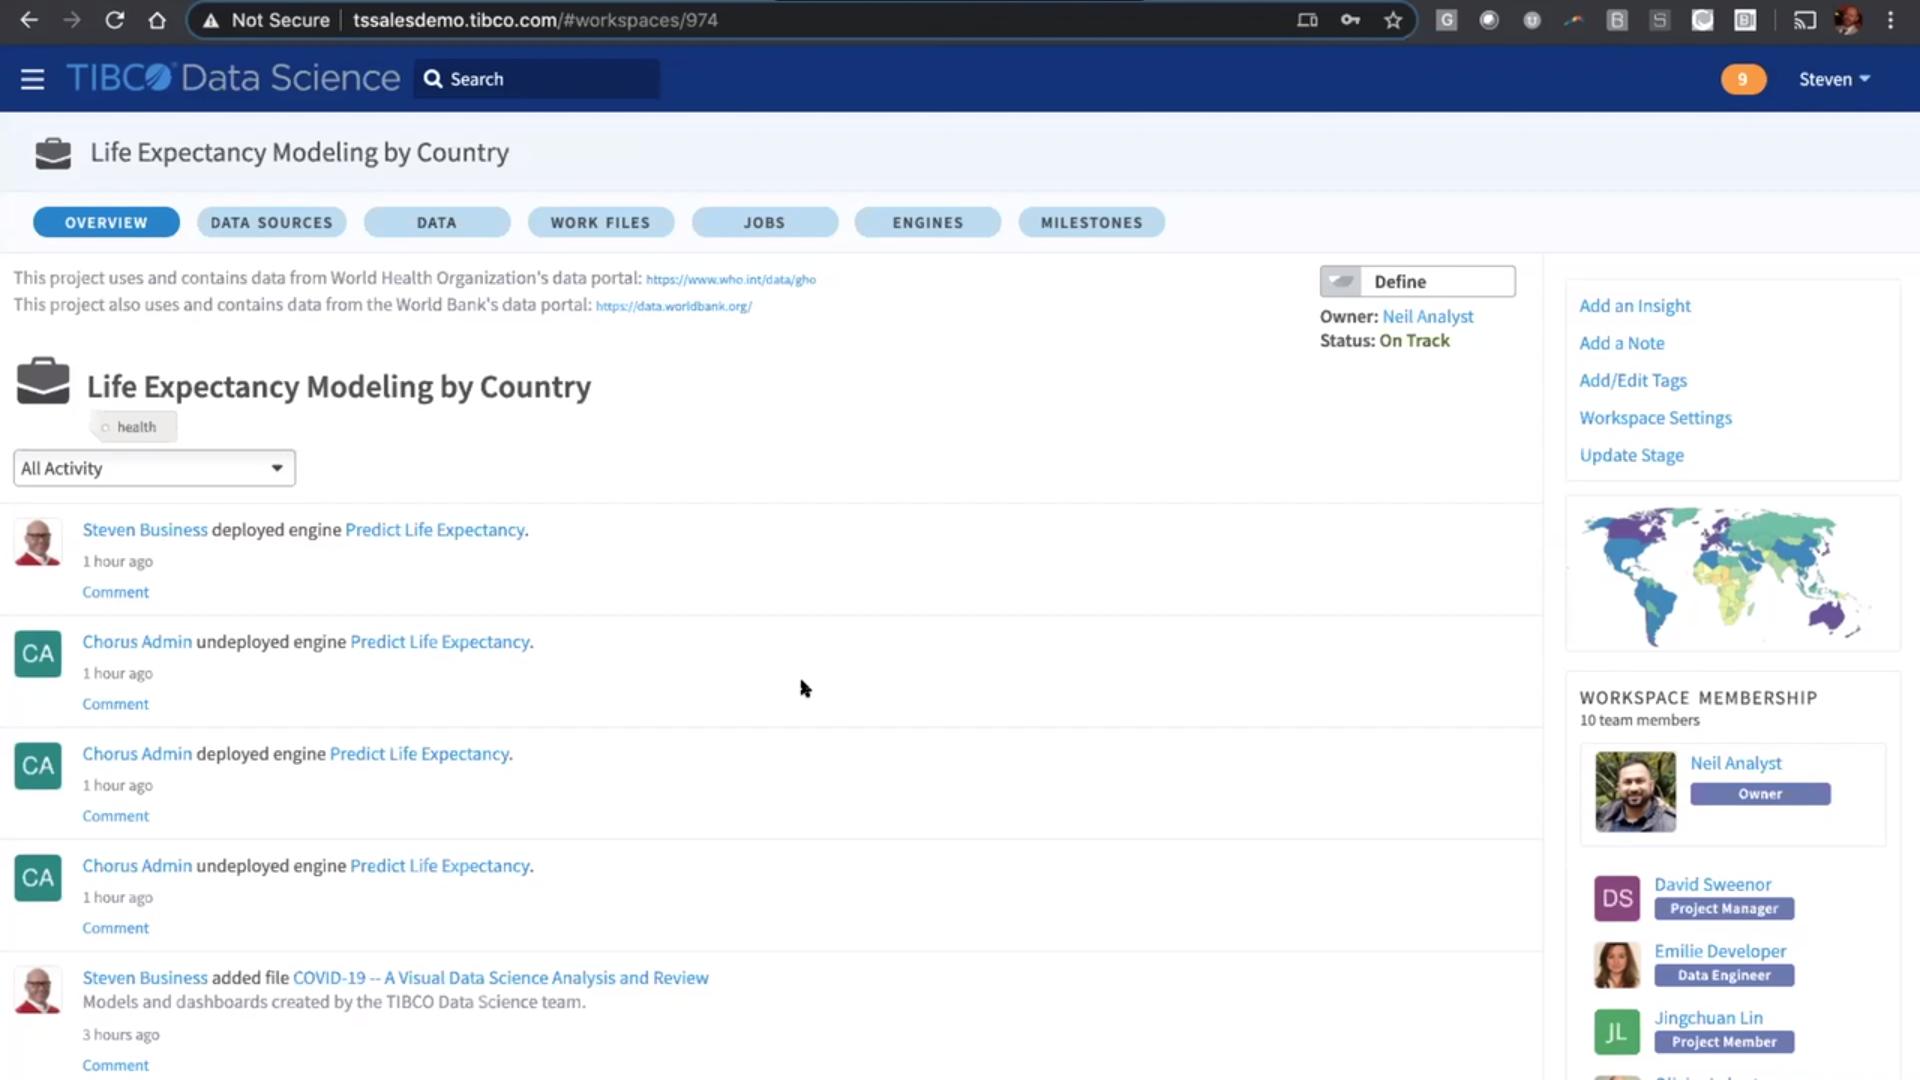 Главное меню в программном обеспечении TIBCO Data Science